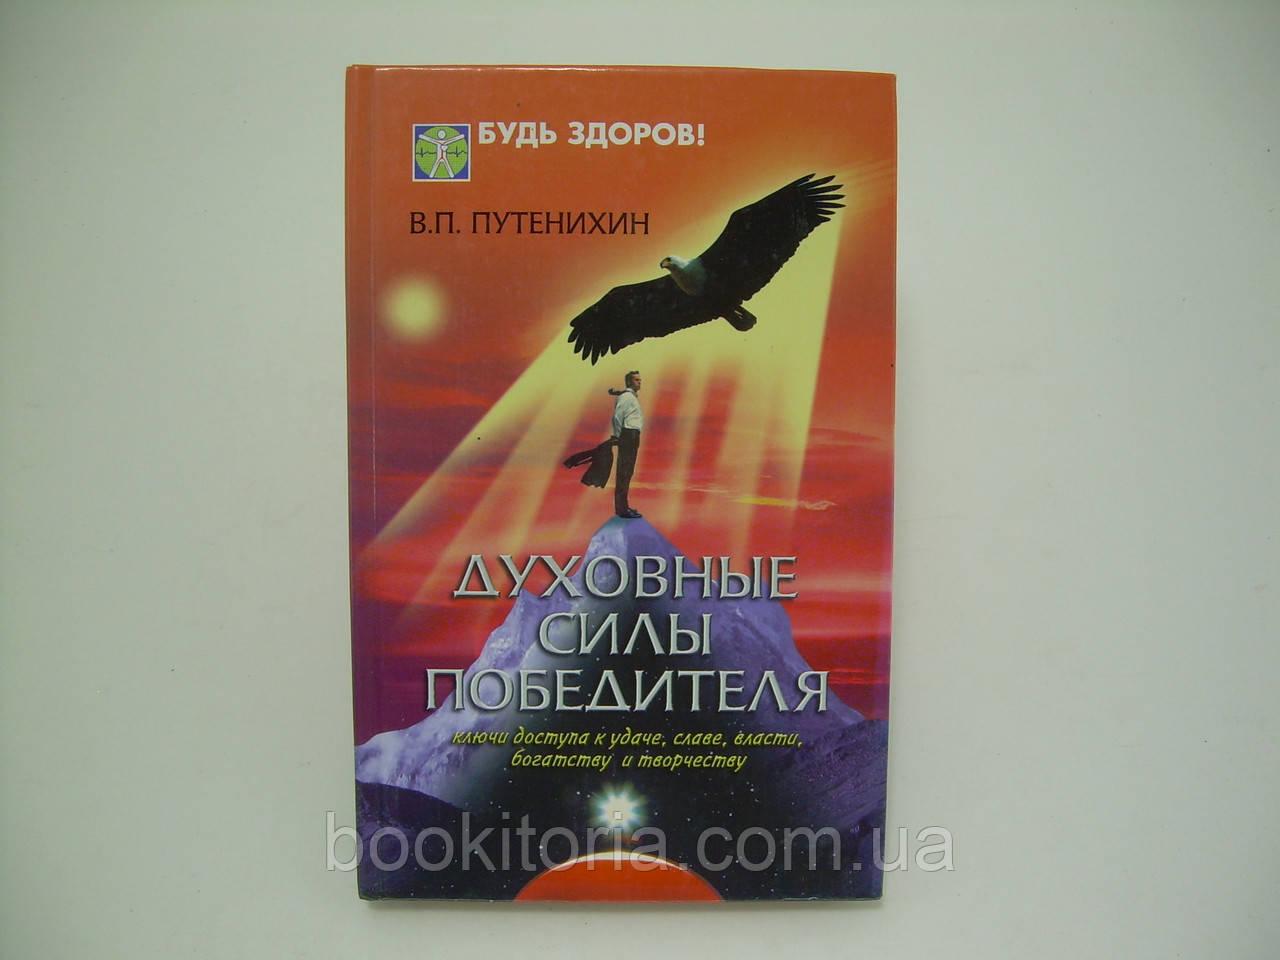 Путенихин В.П. Духовные силы победителя (б/у).